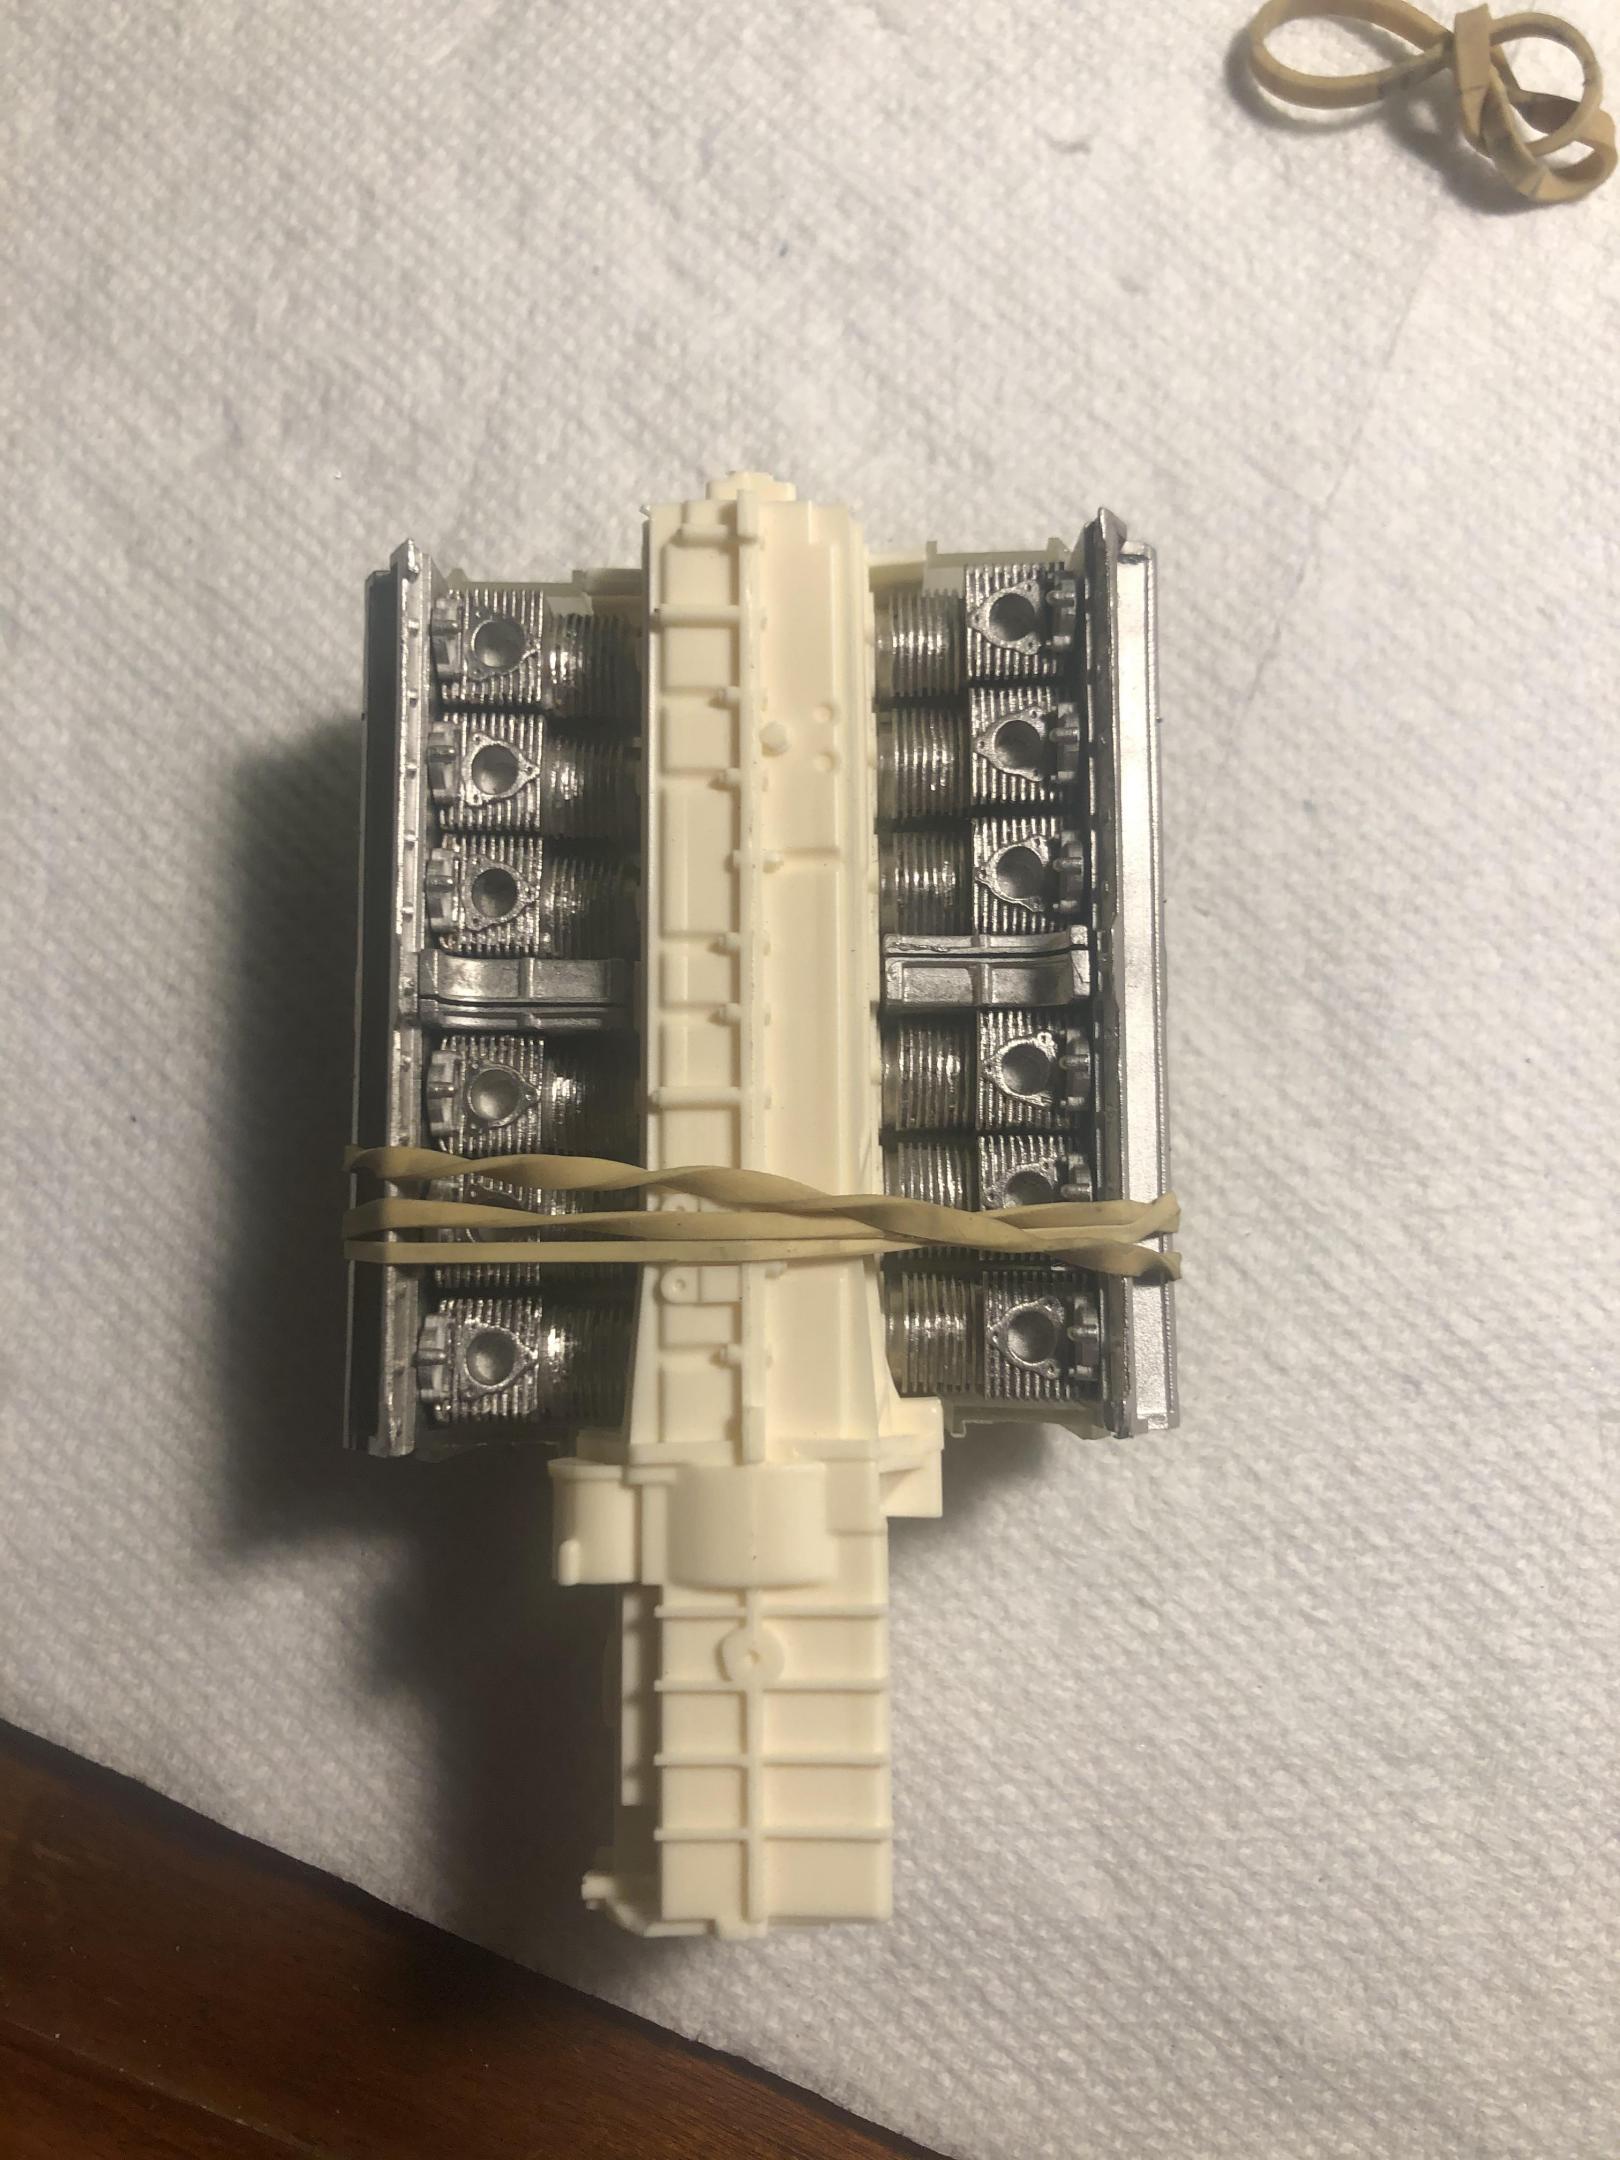 C6546A5A-C5FE-4916-A877-73C0703CA092.jpeg